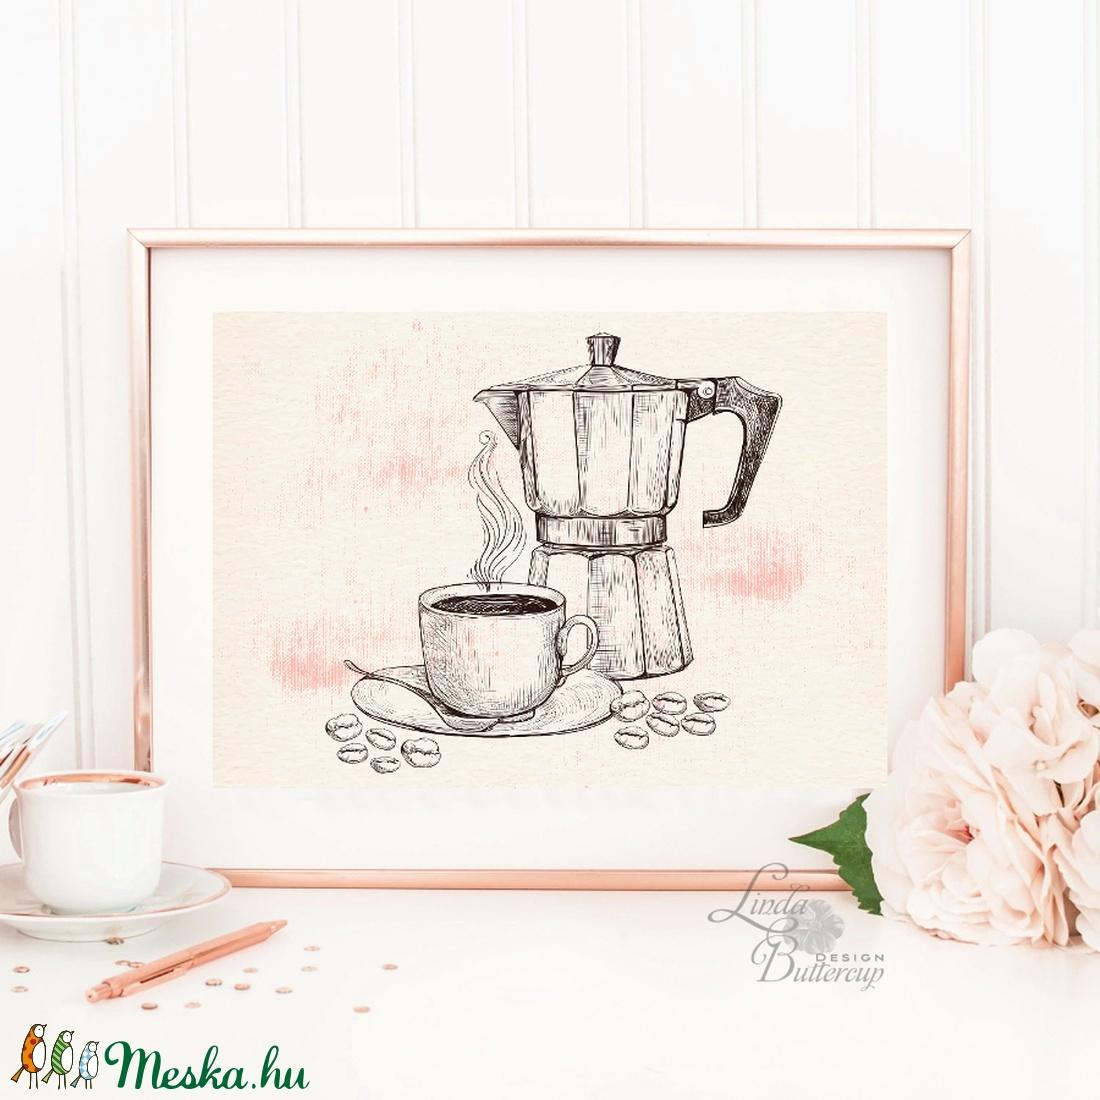 Kávé Print A4, Konyhai falikép, Konyha dekoráció, Espresso, Kávézó, Coffee, idézet, Iroda dekor, Office, barna, vintage (LindaButtercup) - Meska.hu